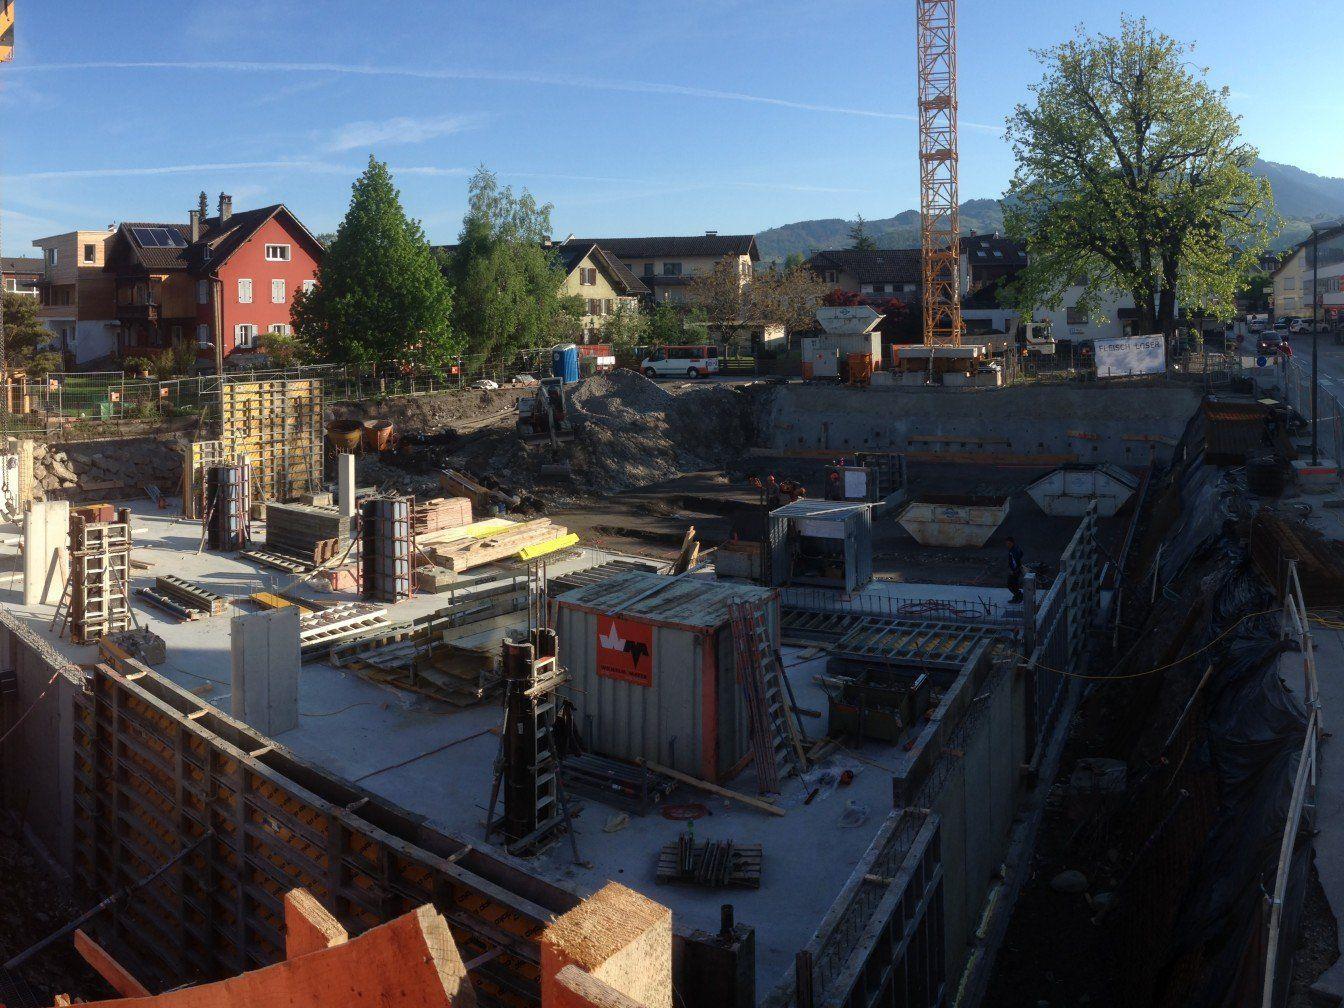 Die Bauarbeiten beim neuen Geschäfts- und Wohnhaus haben bereits begonnen.